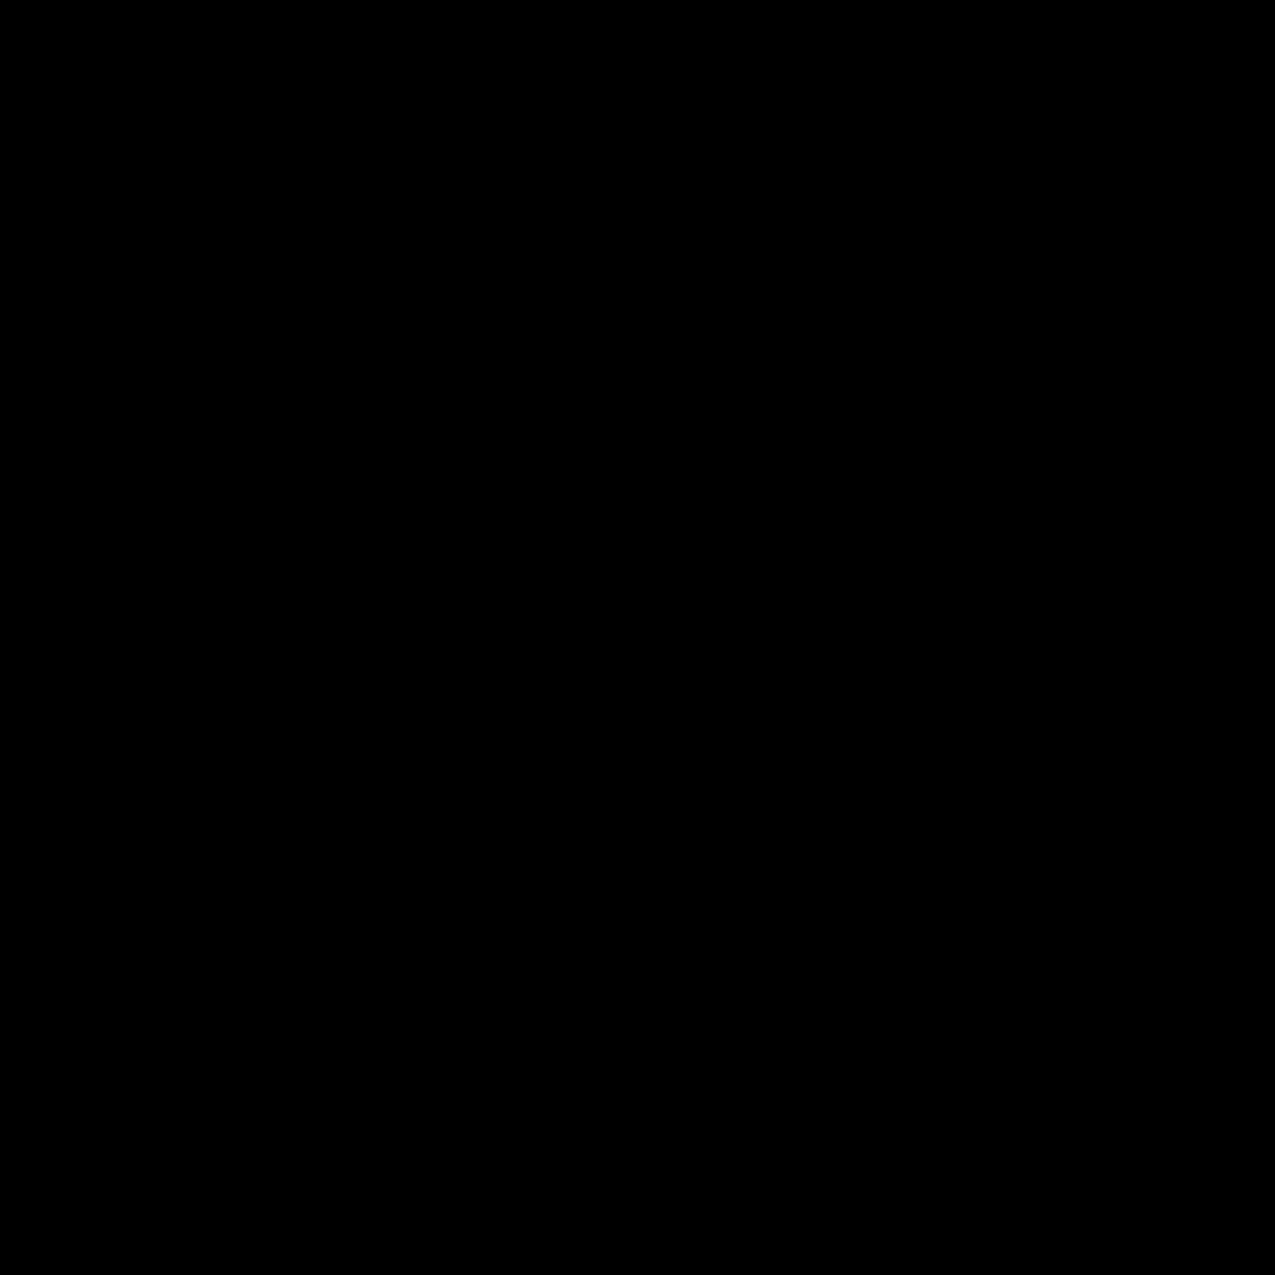 Skier Illustration